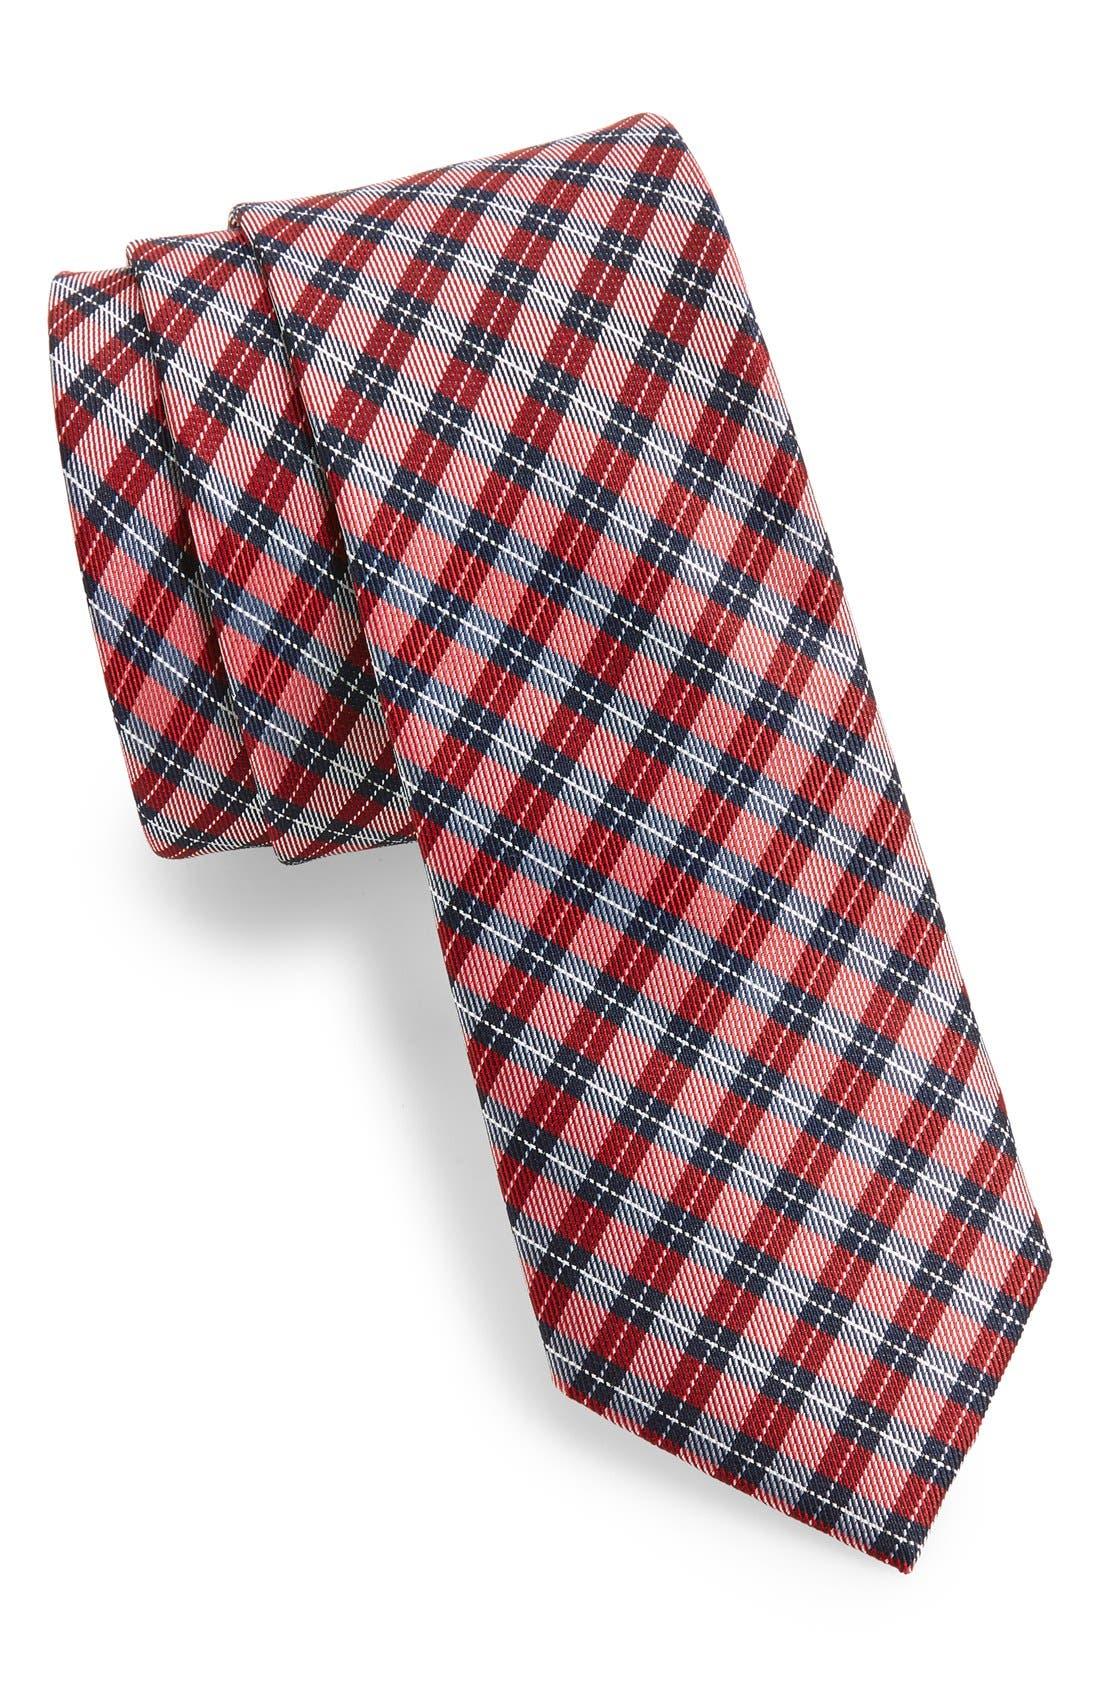 'Choi' Woven Silk Tie,                             Main thumbnail 2, color,